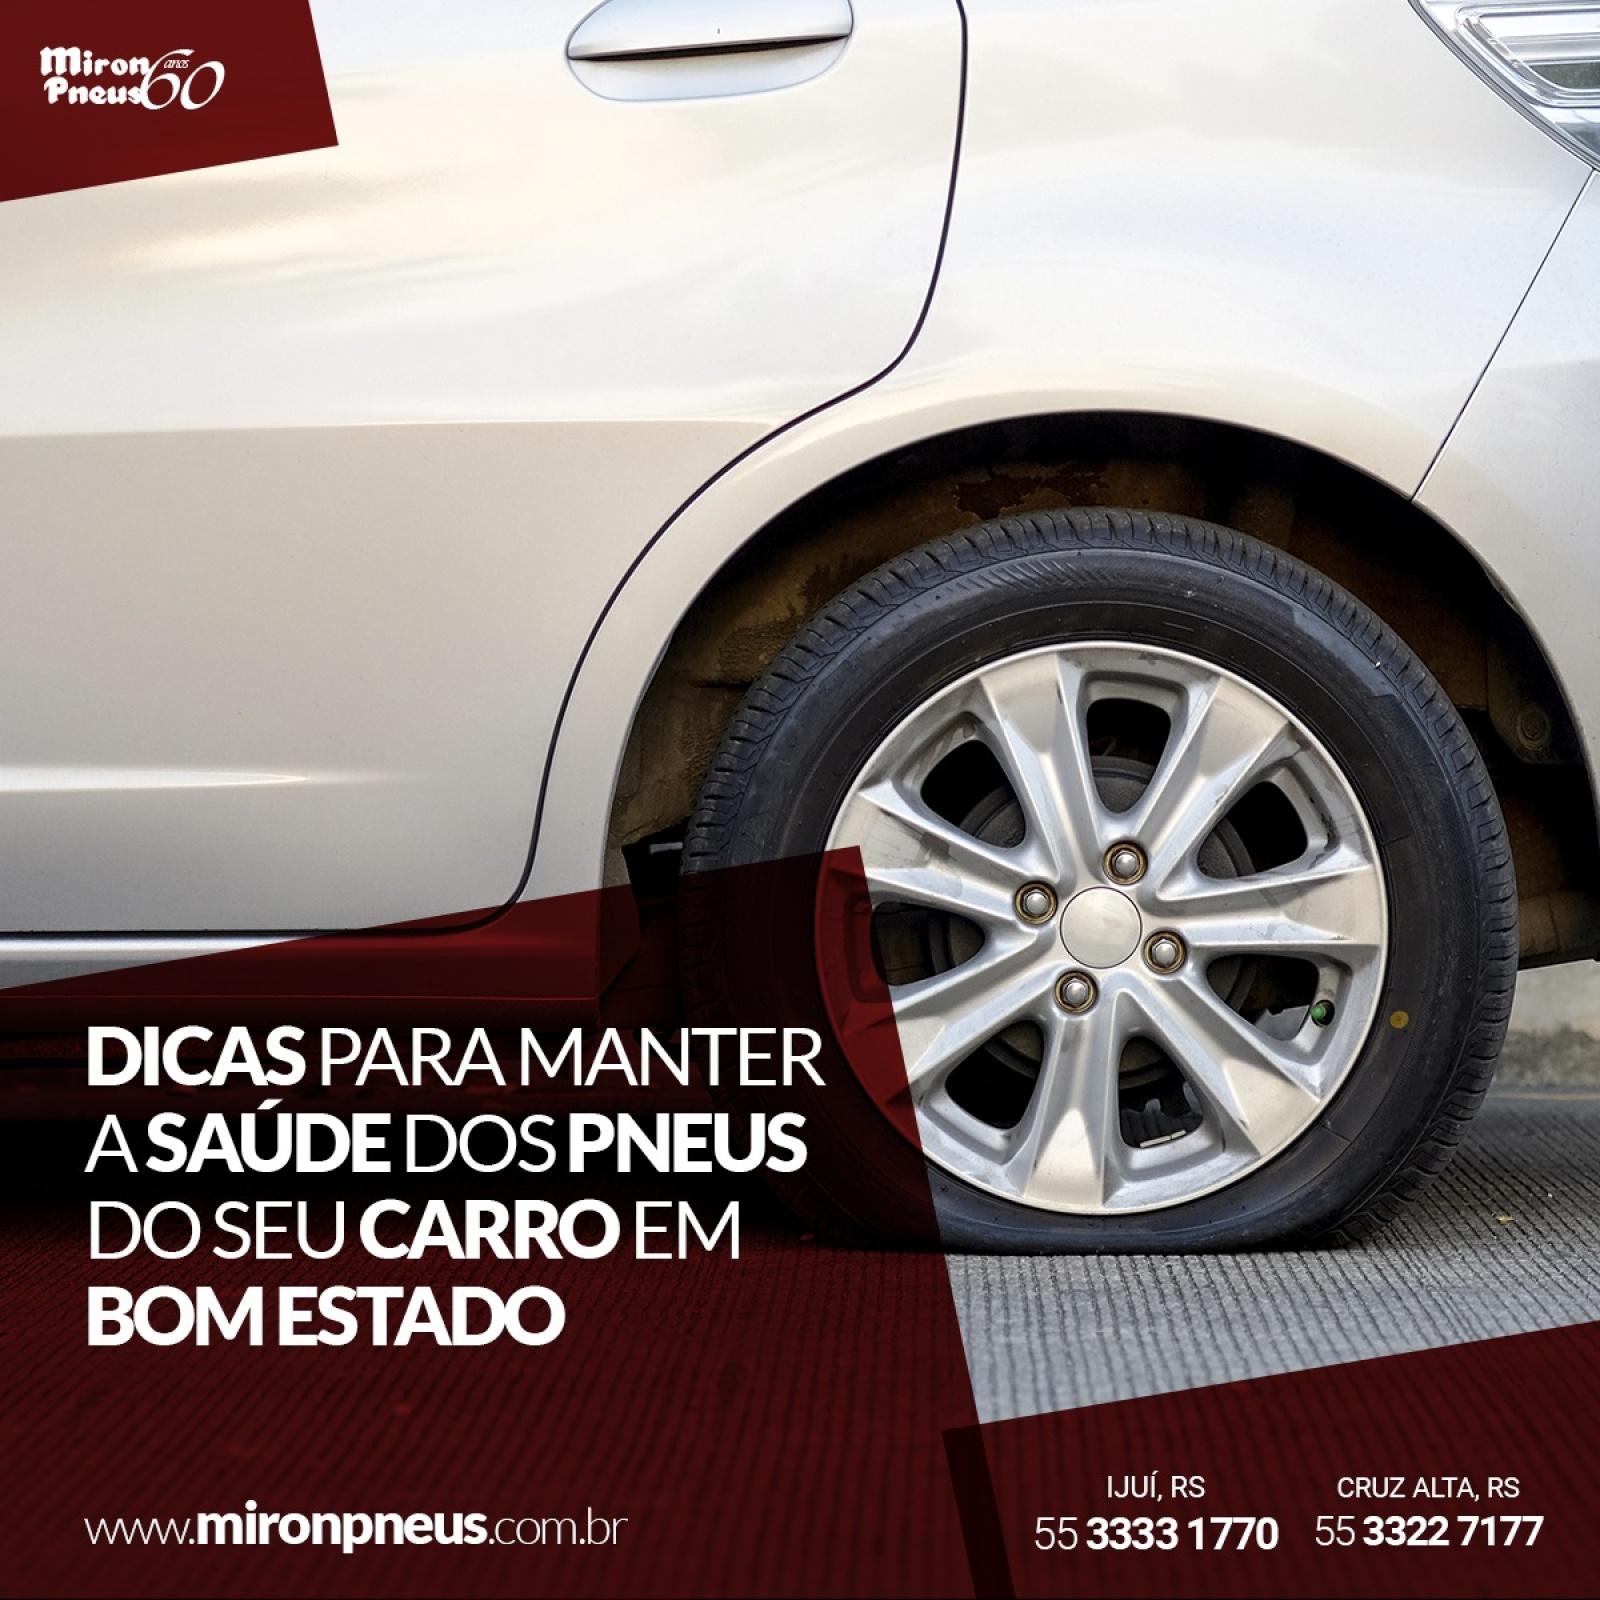 Dicas para manter a saúde dos pneus do seu carro em bom estado